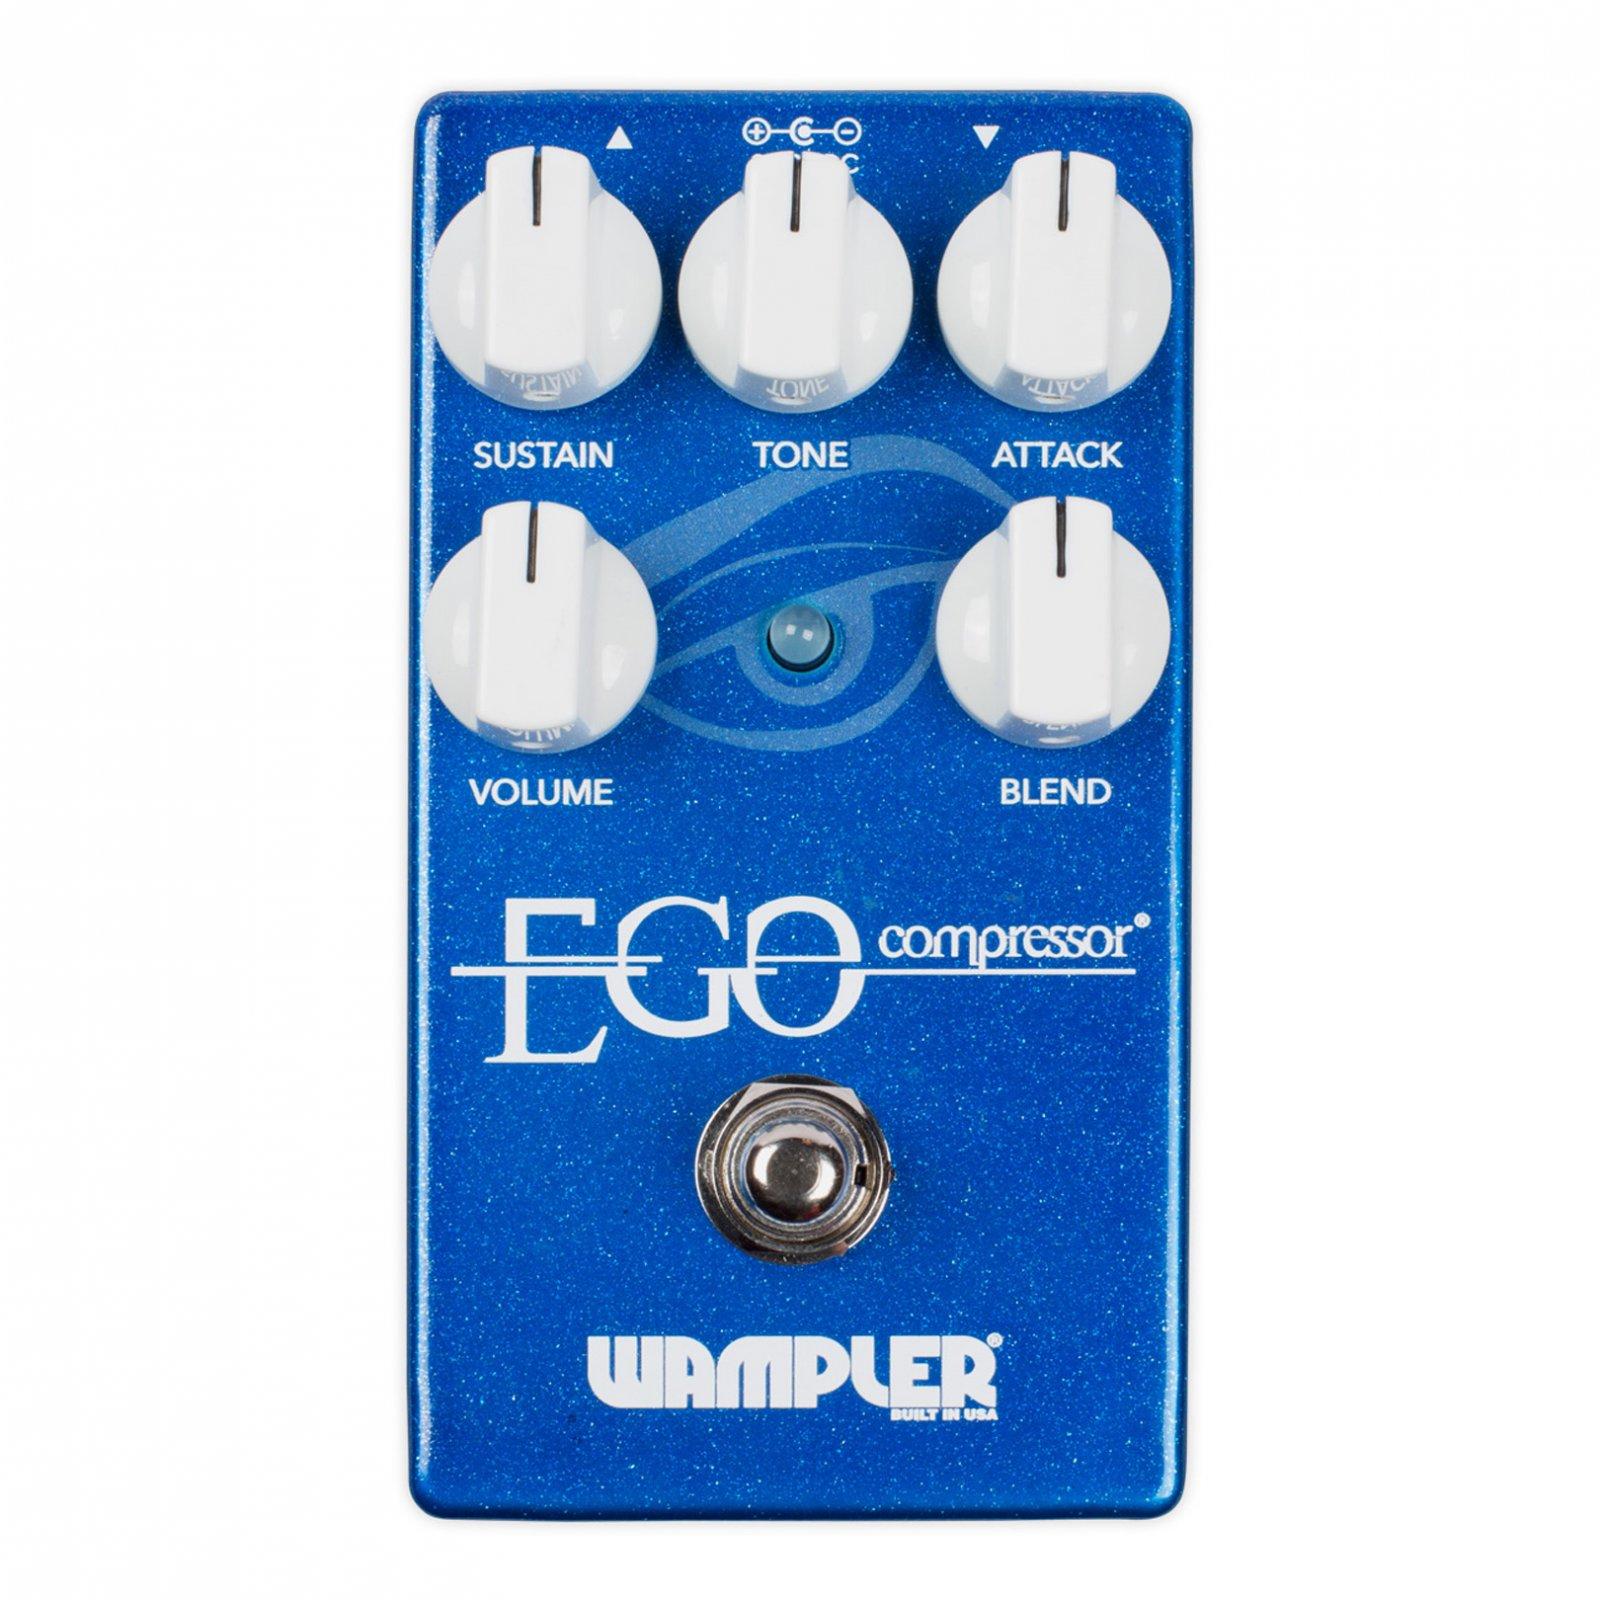 Wampler Ego V2